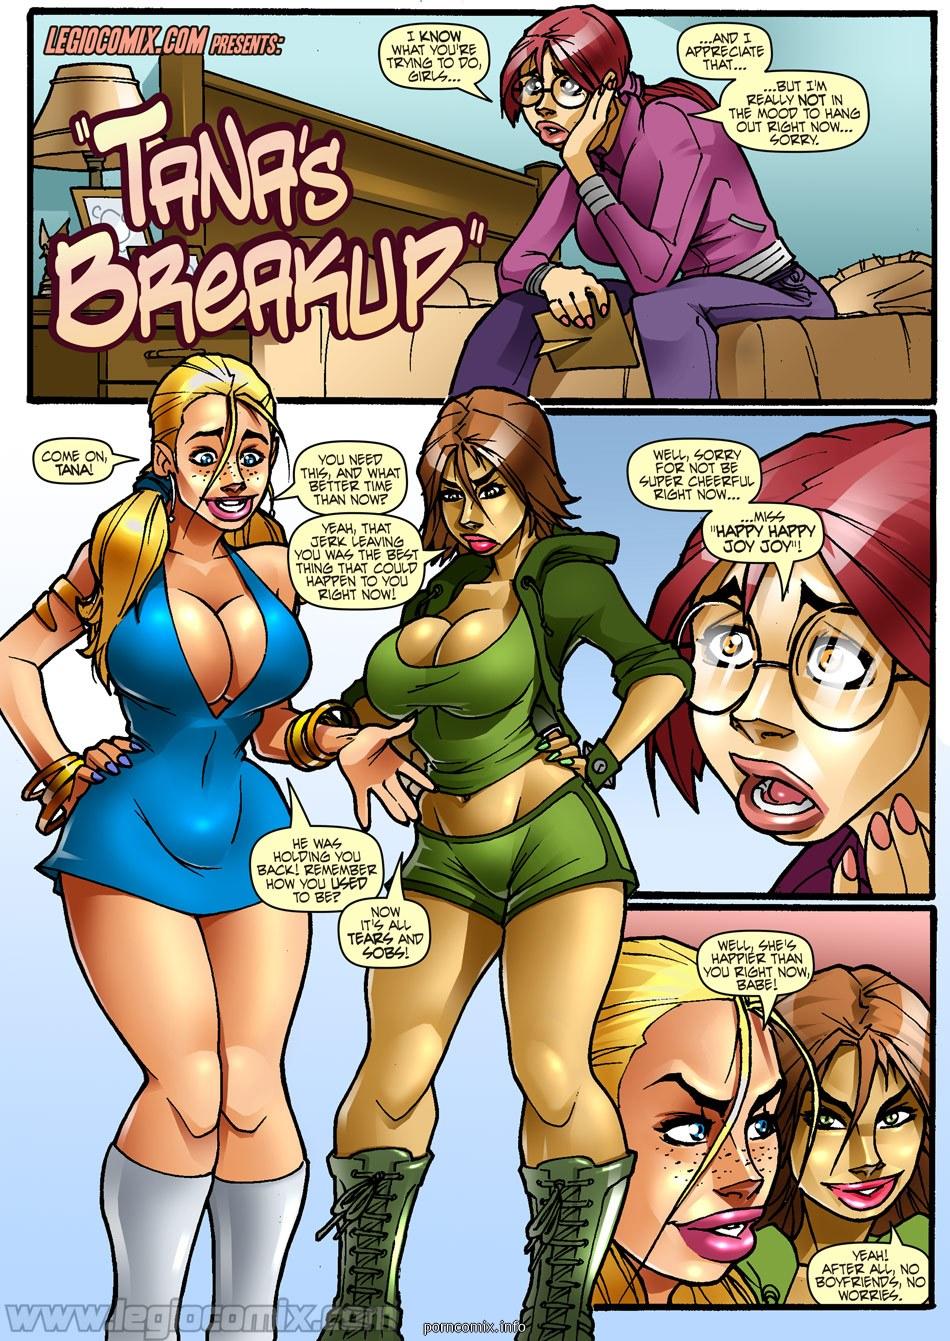 Porn Comics - Tana's Breakup- LegioComix porn comics 8 muses